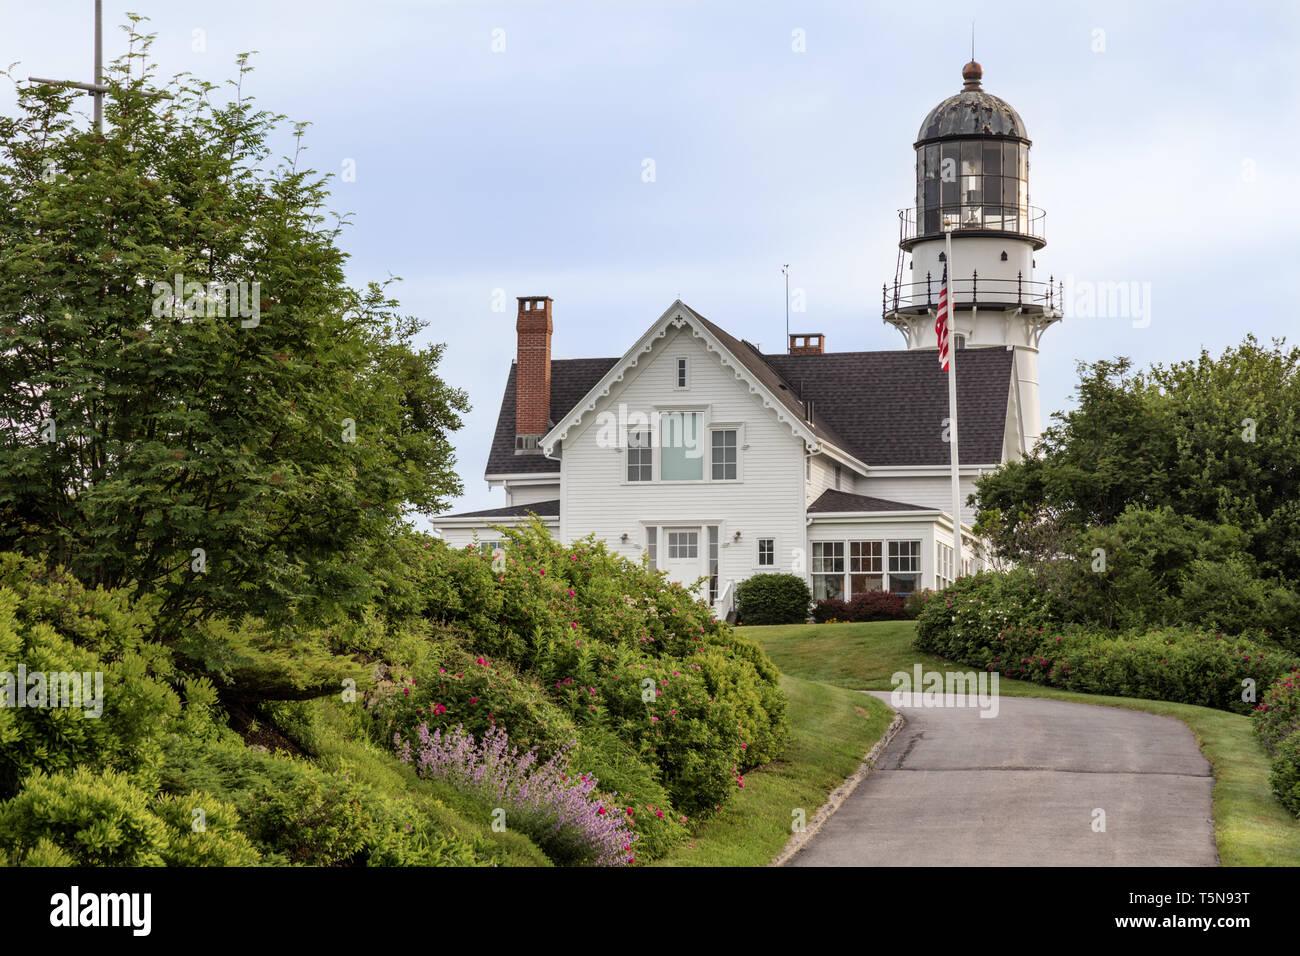 Cape Elizabeth Lighthouse, Cape Elizabeth, Maine - Stock Image